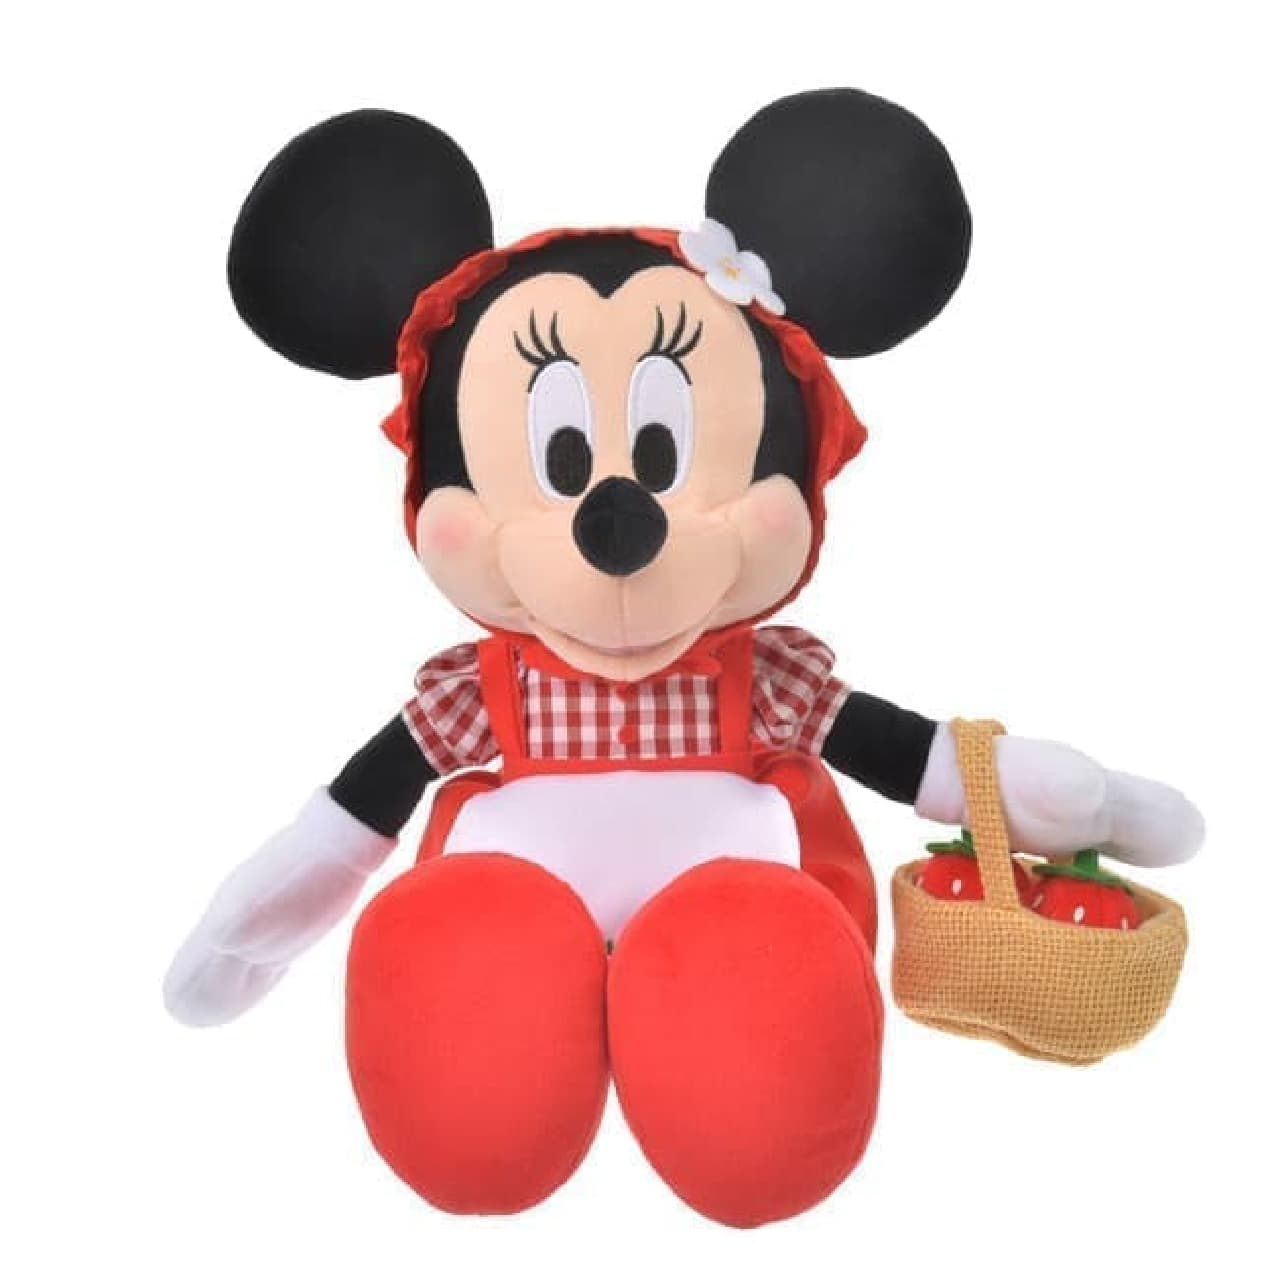 ディズニーストアから新作「いちごシリーズ」 -- ミニーマウスが爽やかな可愛さに